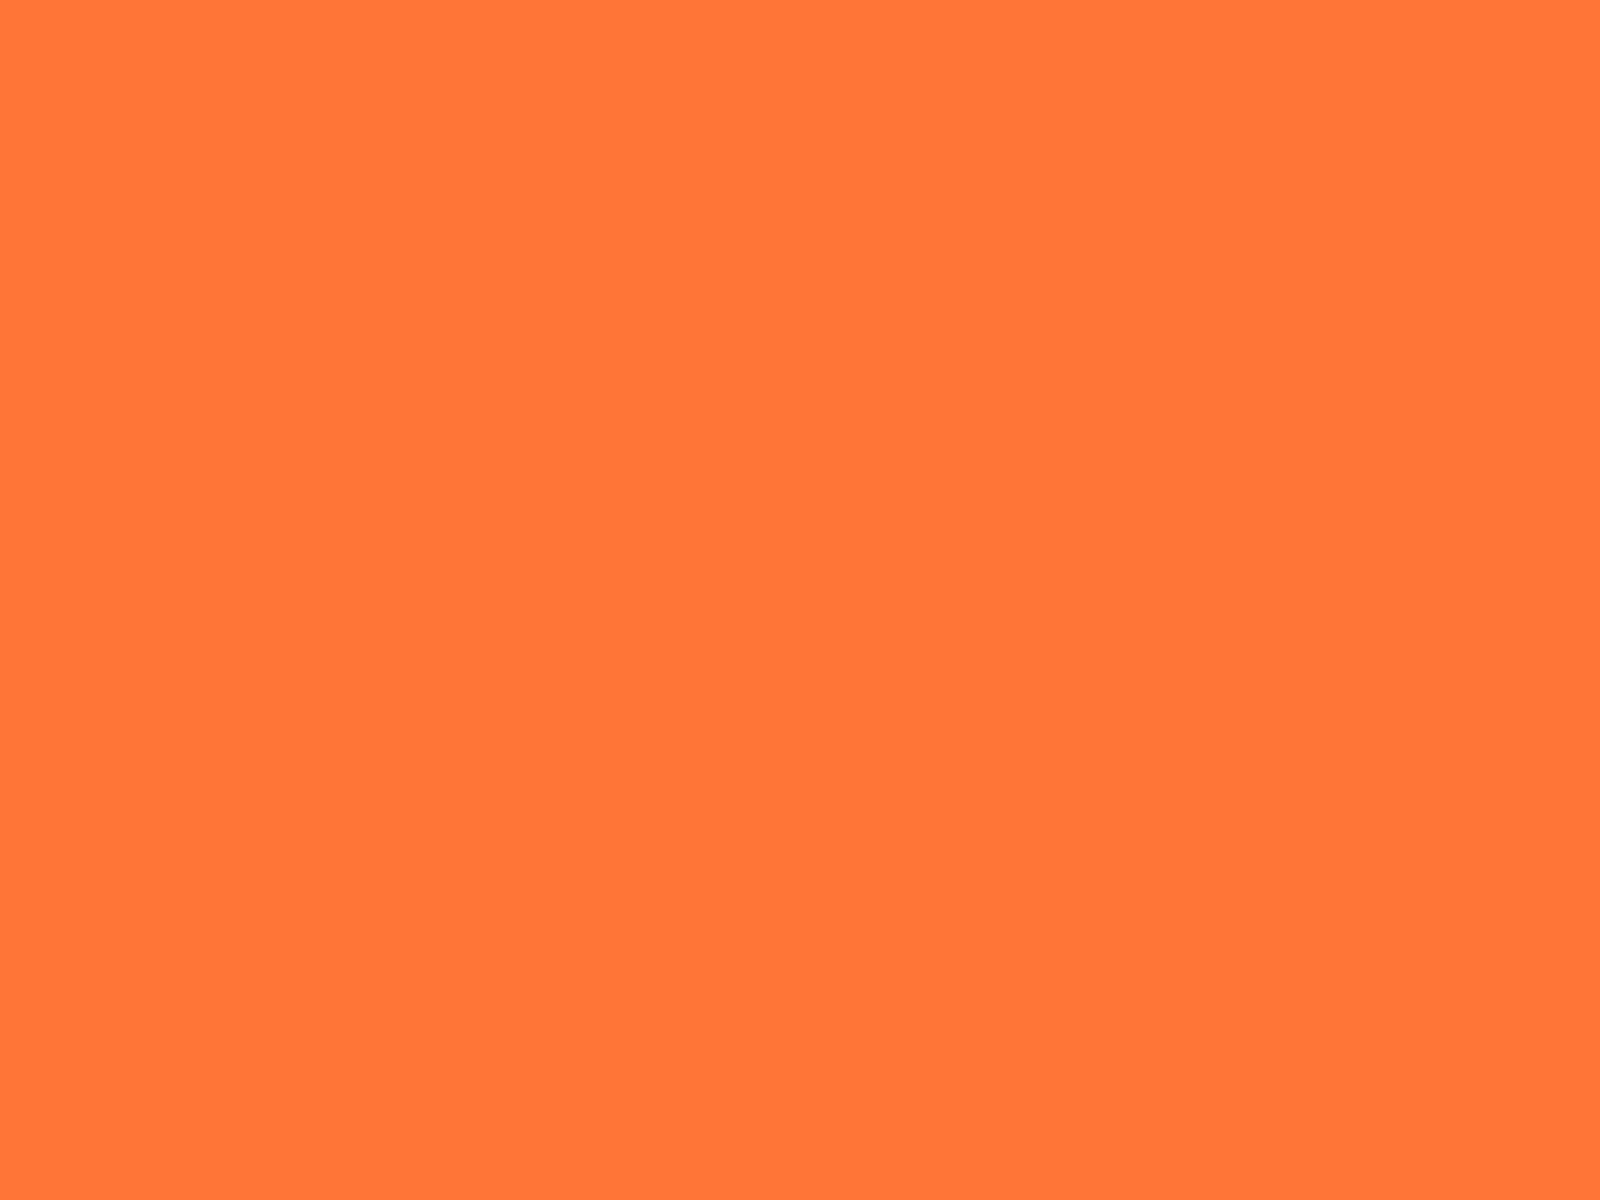 1600x1200 Orange Crayola Solid Color Background